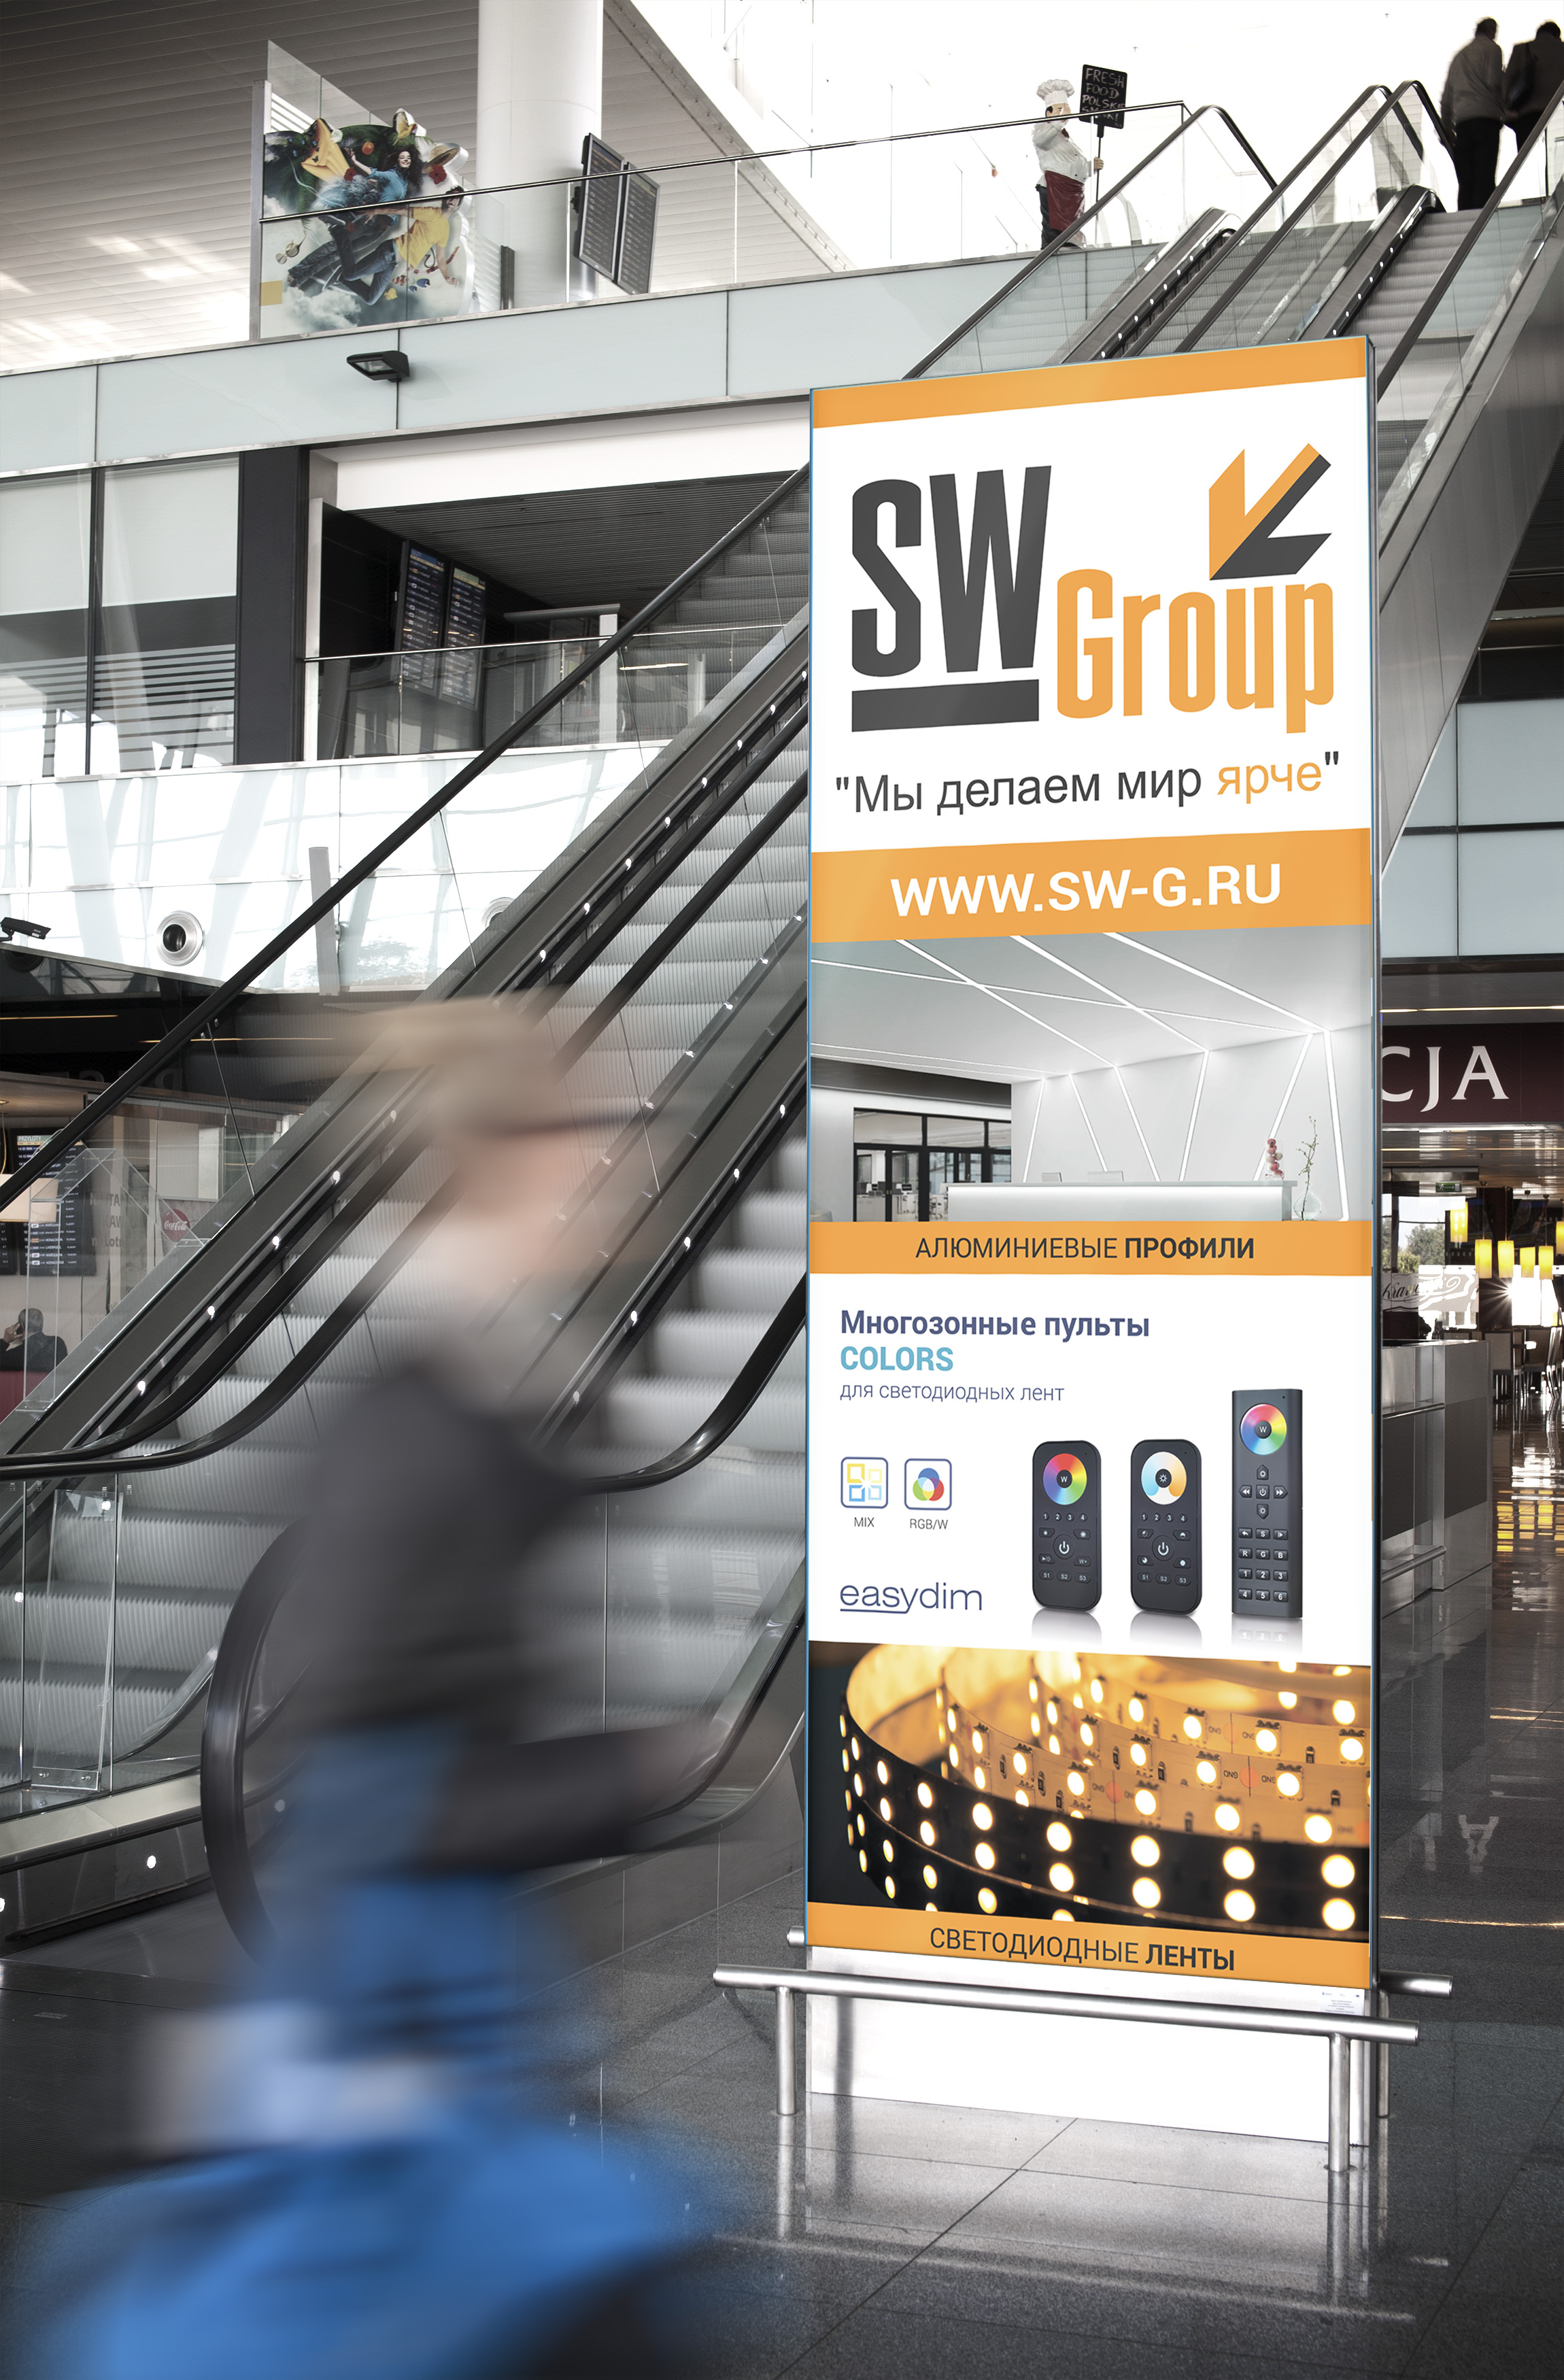 Наружный баннер для компании SW Group